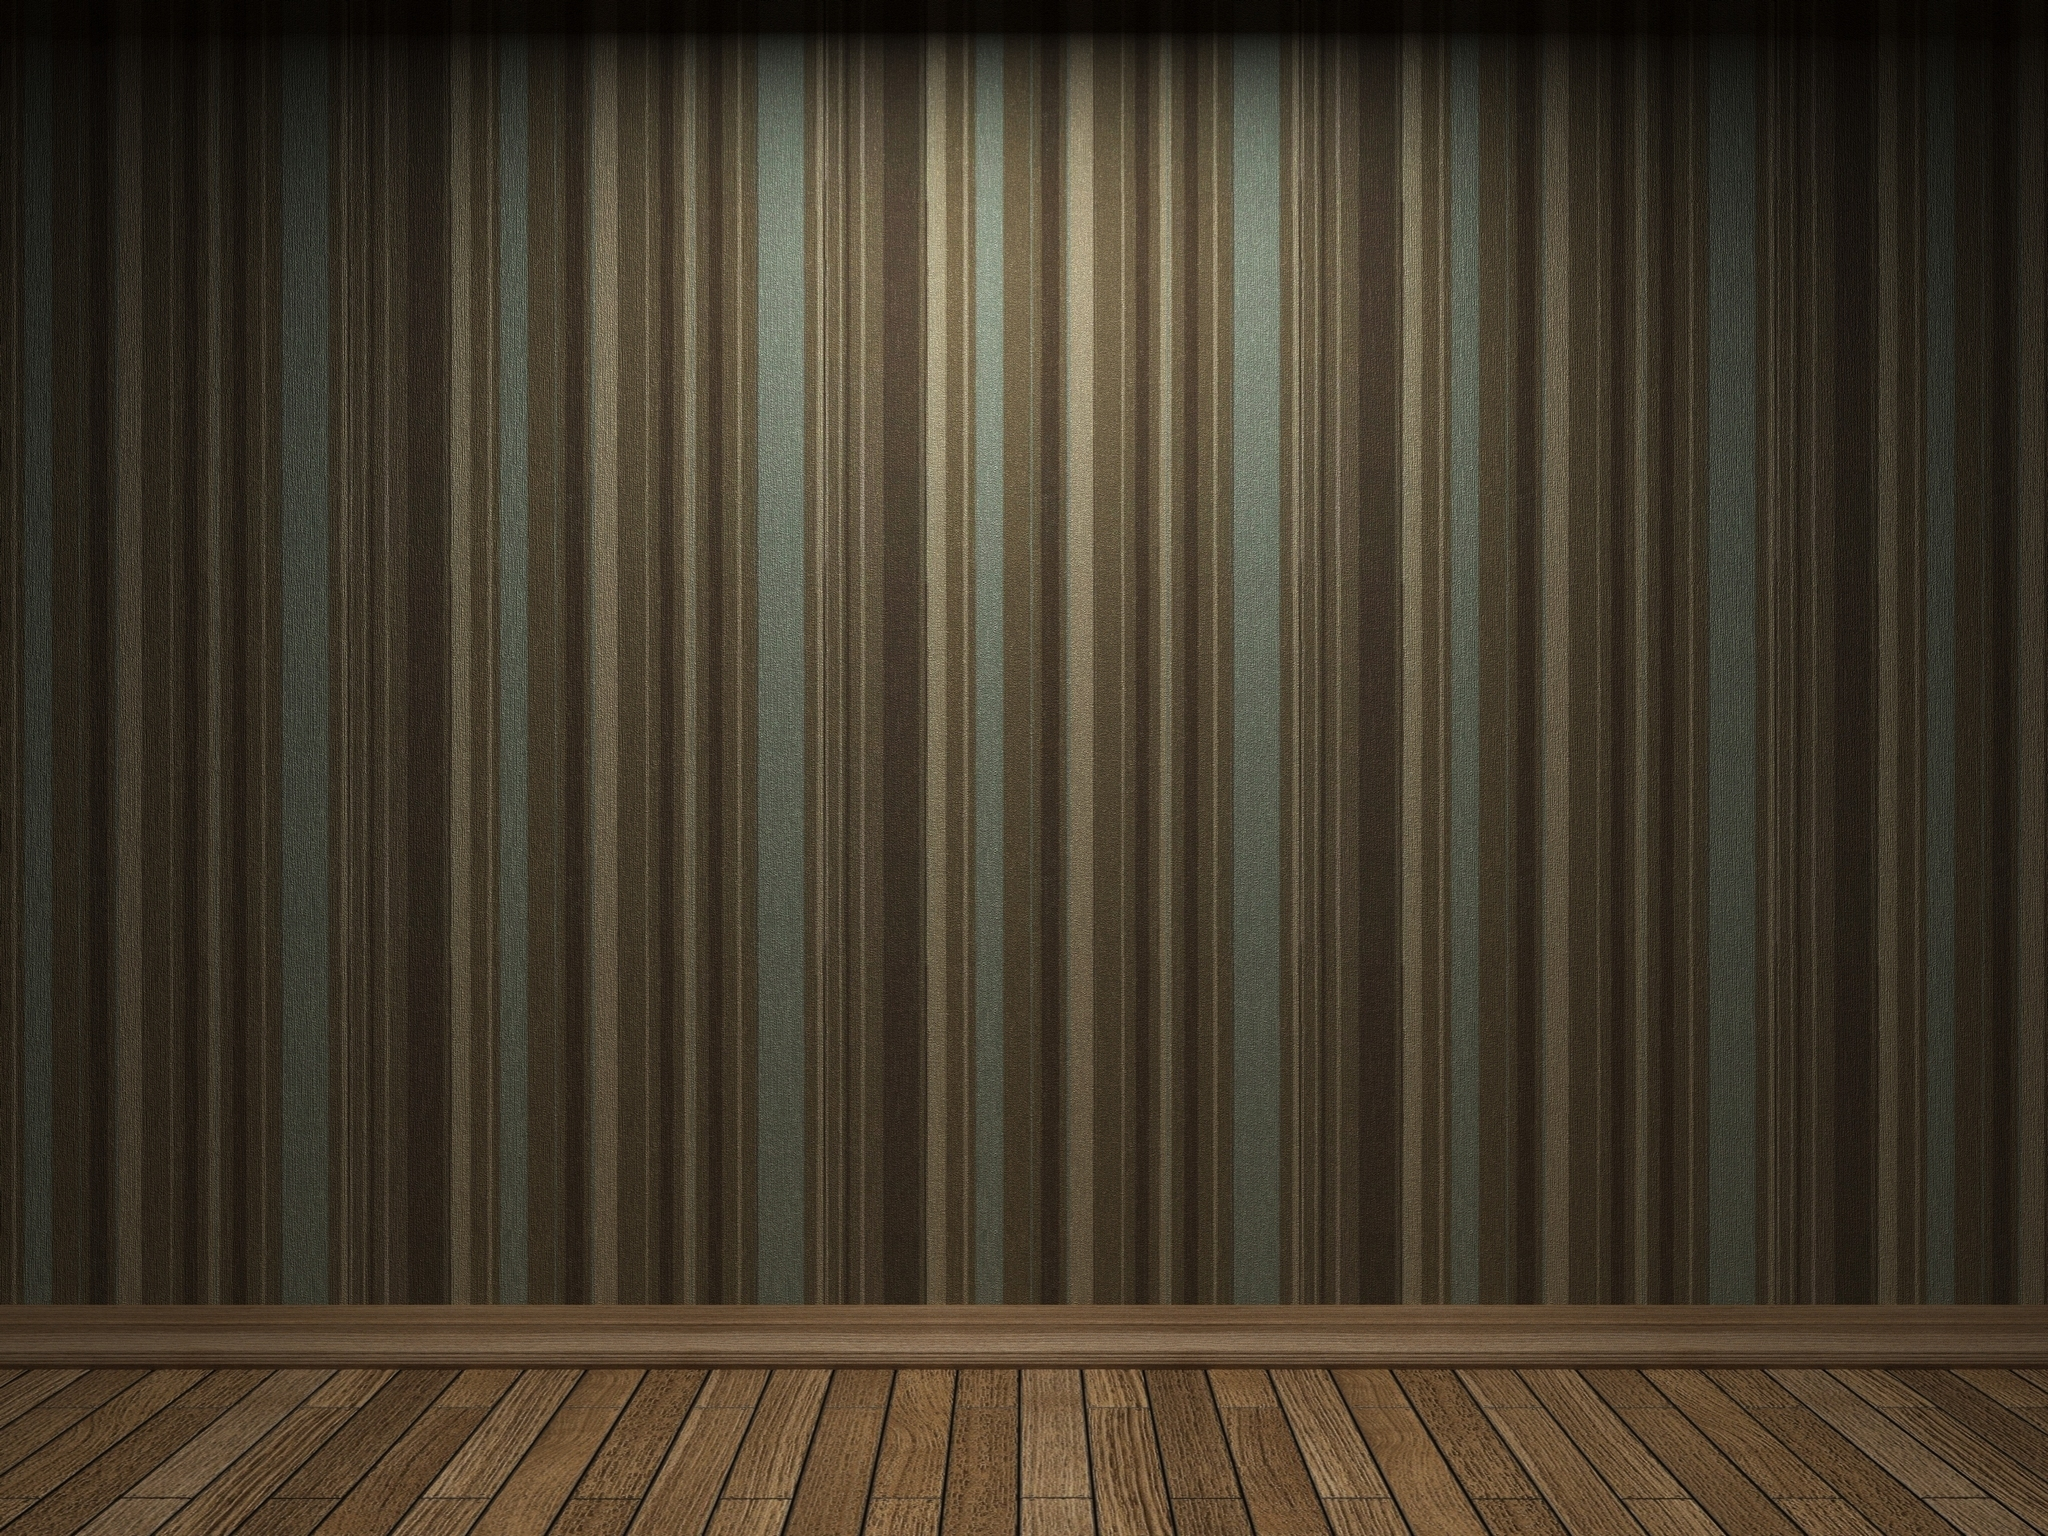 designer wallpaper walls 2048x1536